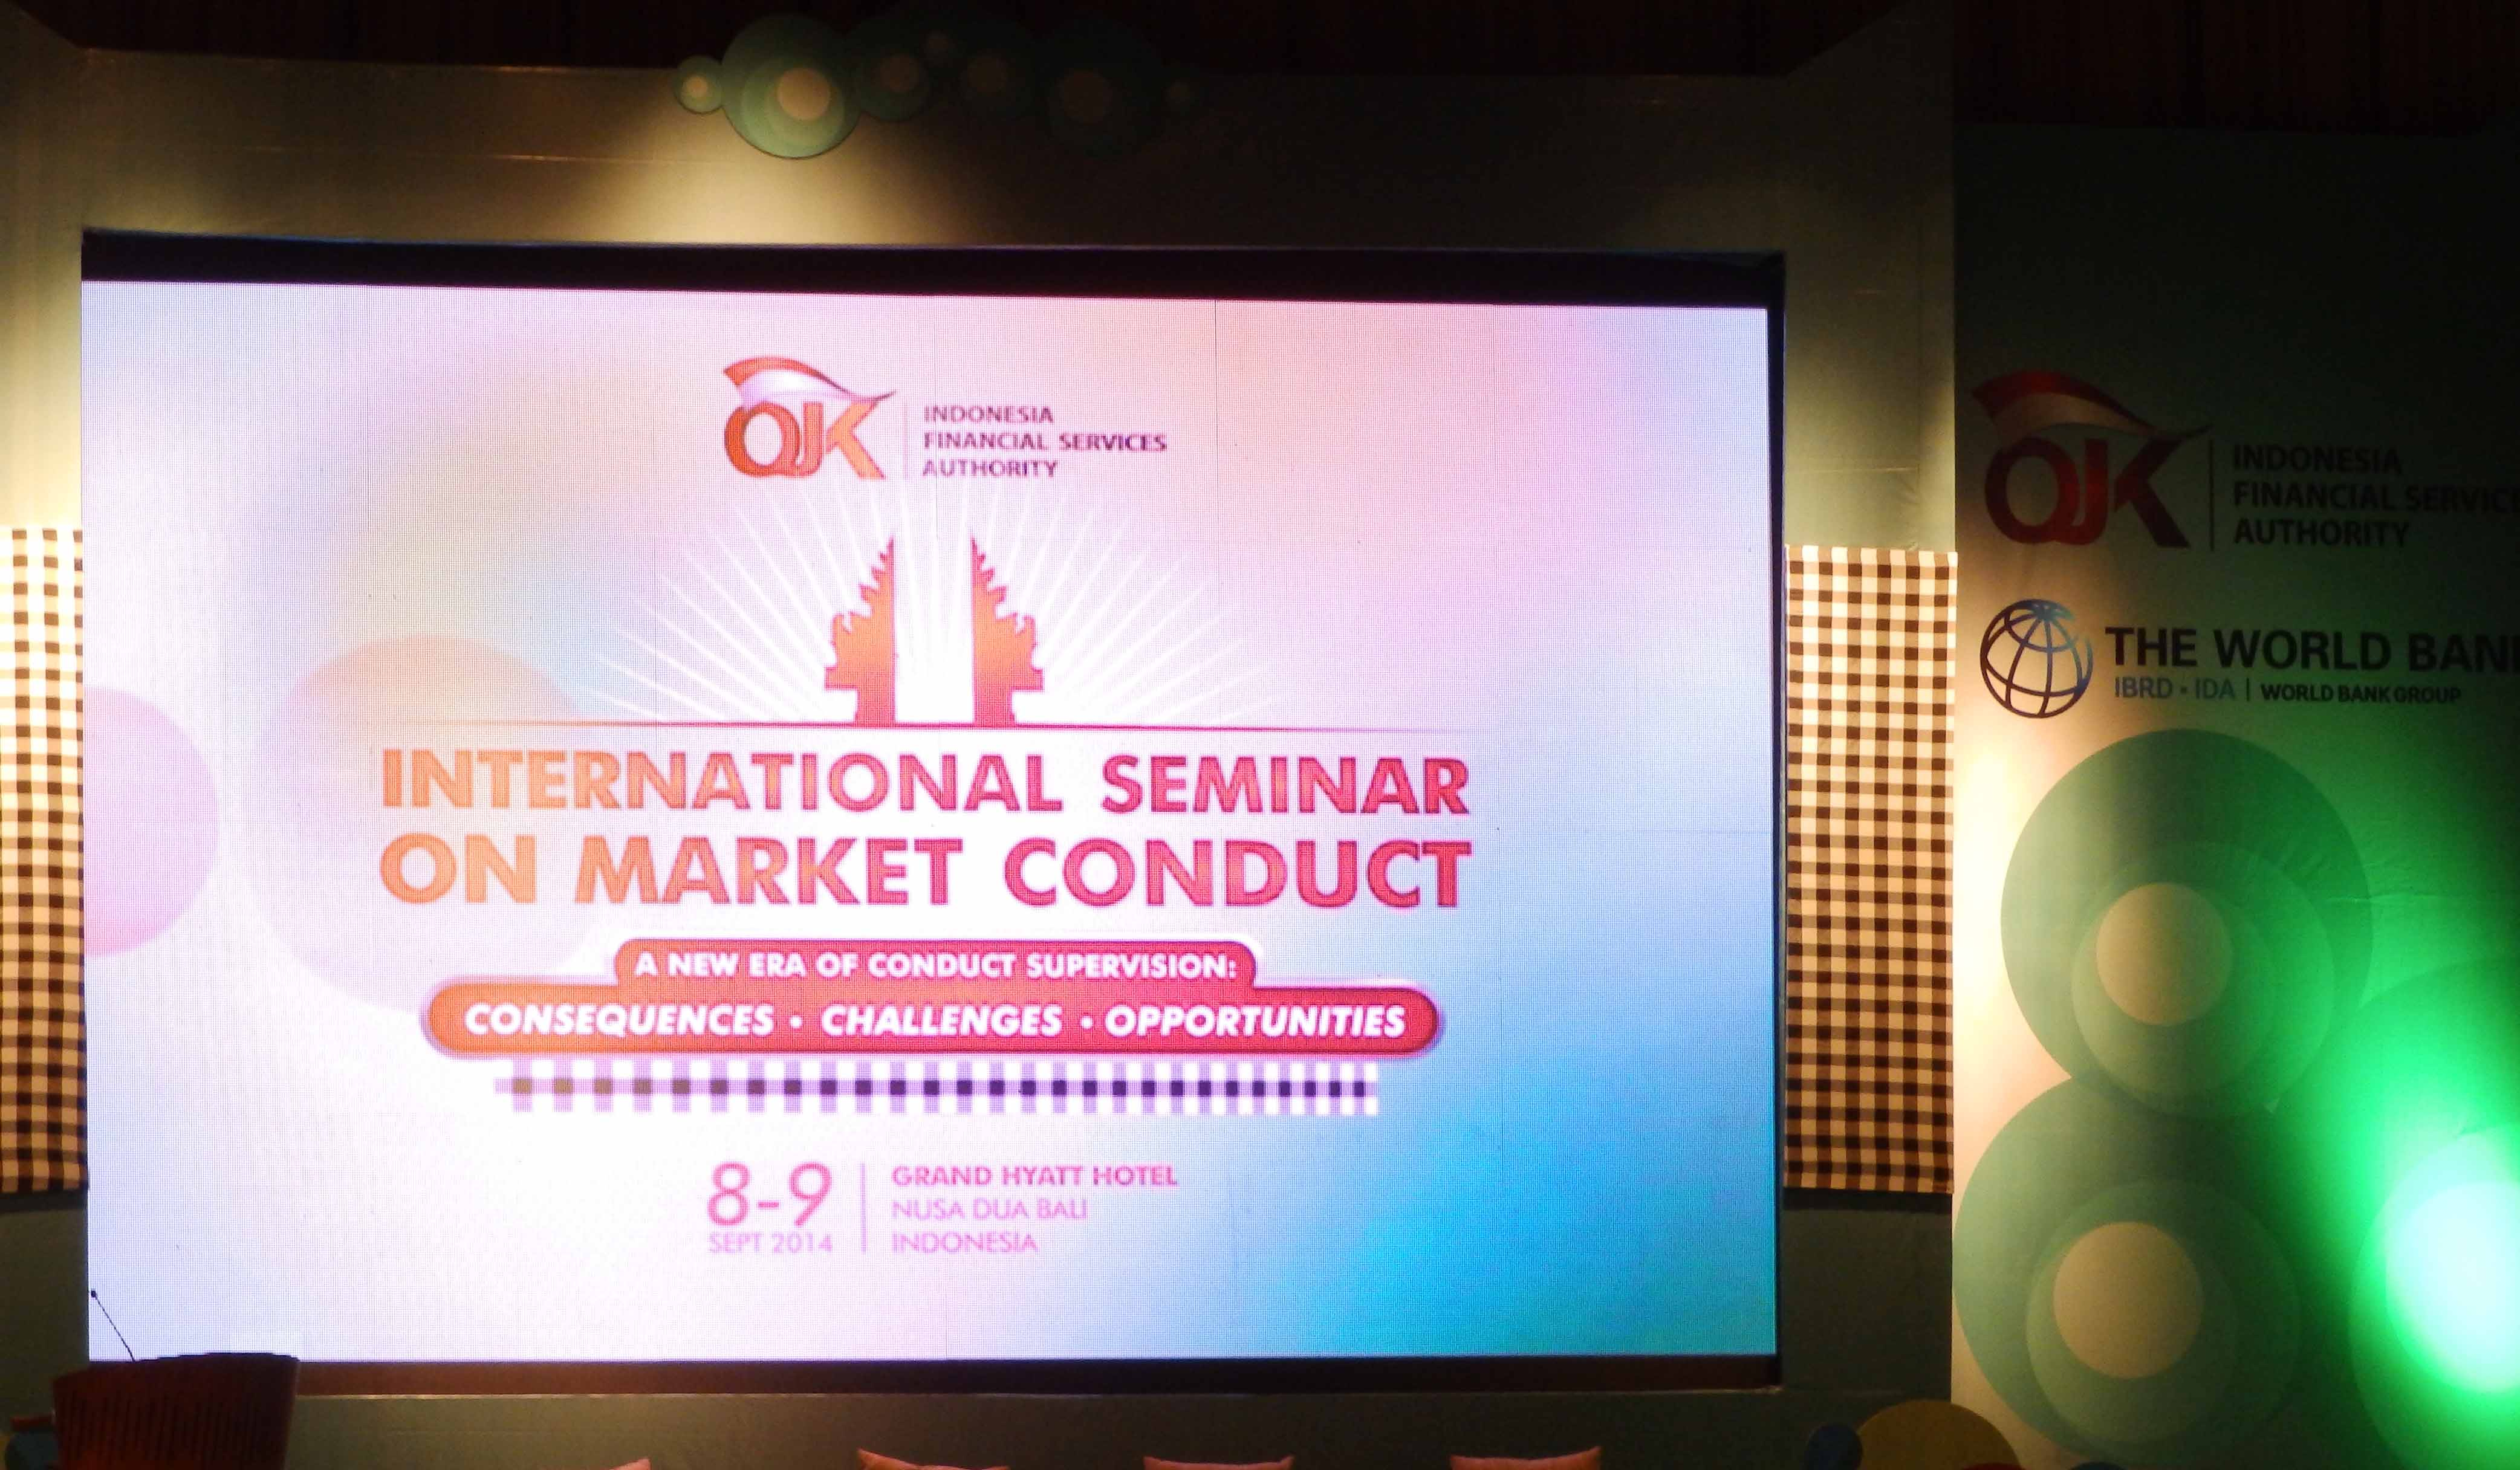 International Seminar on Market Conduct: OJK Terus Tingkatkan Edukasi ke Konsumen